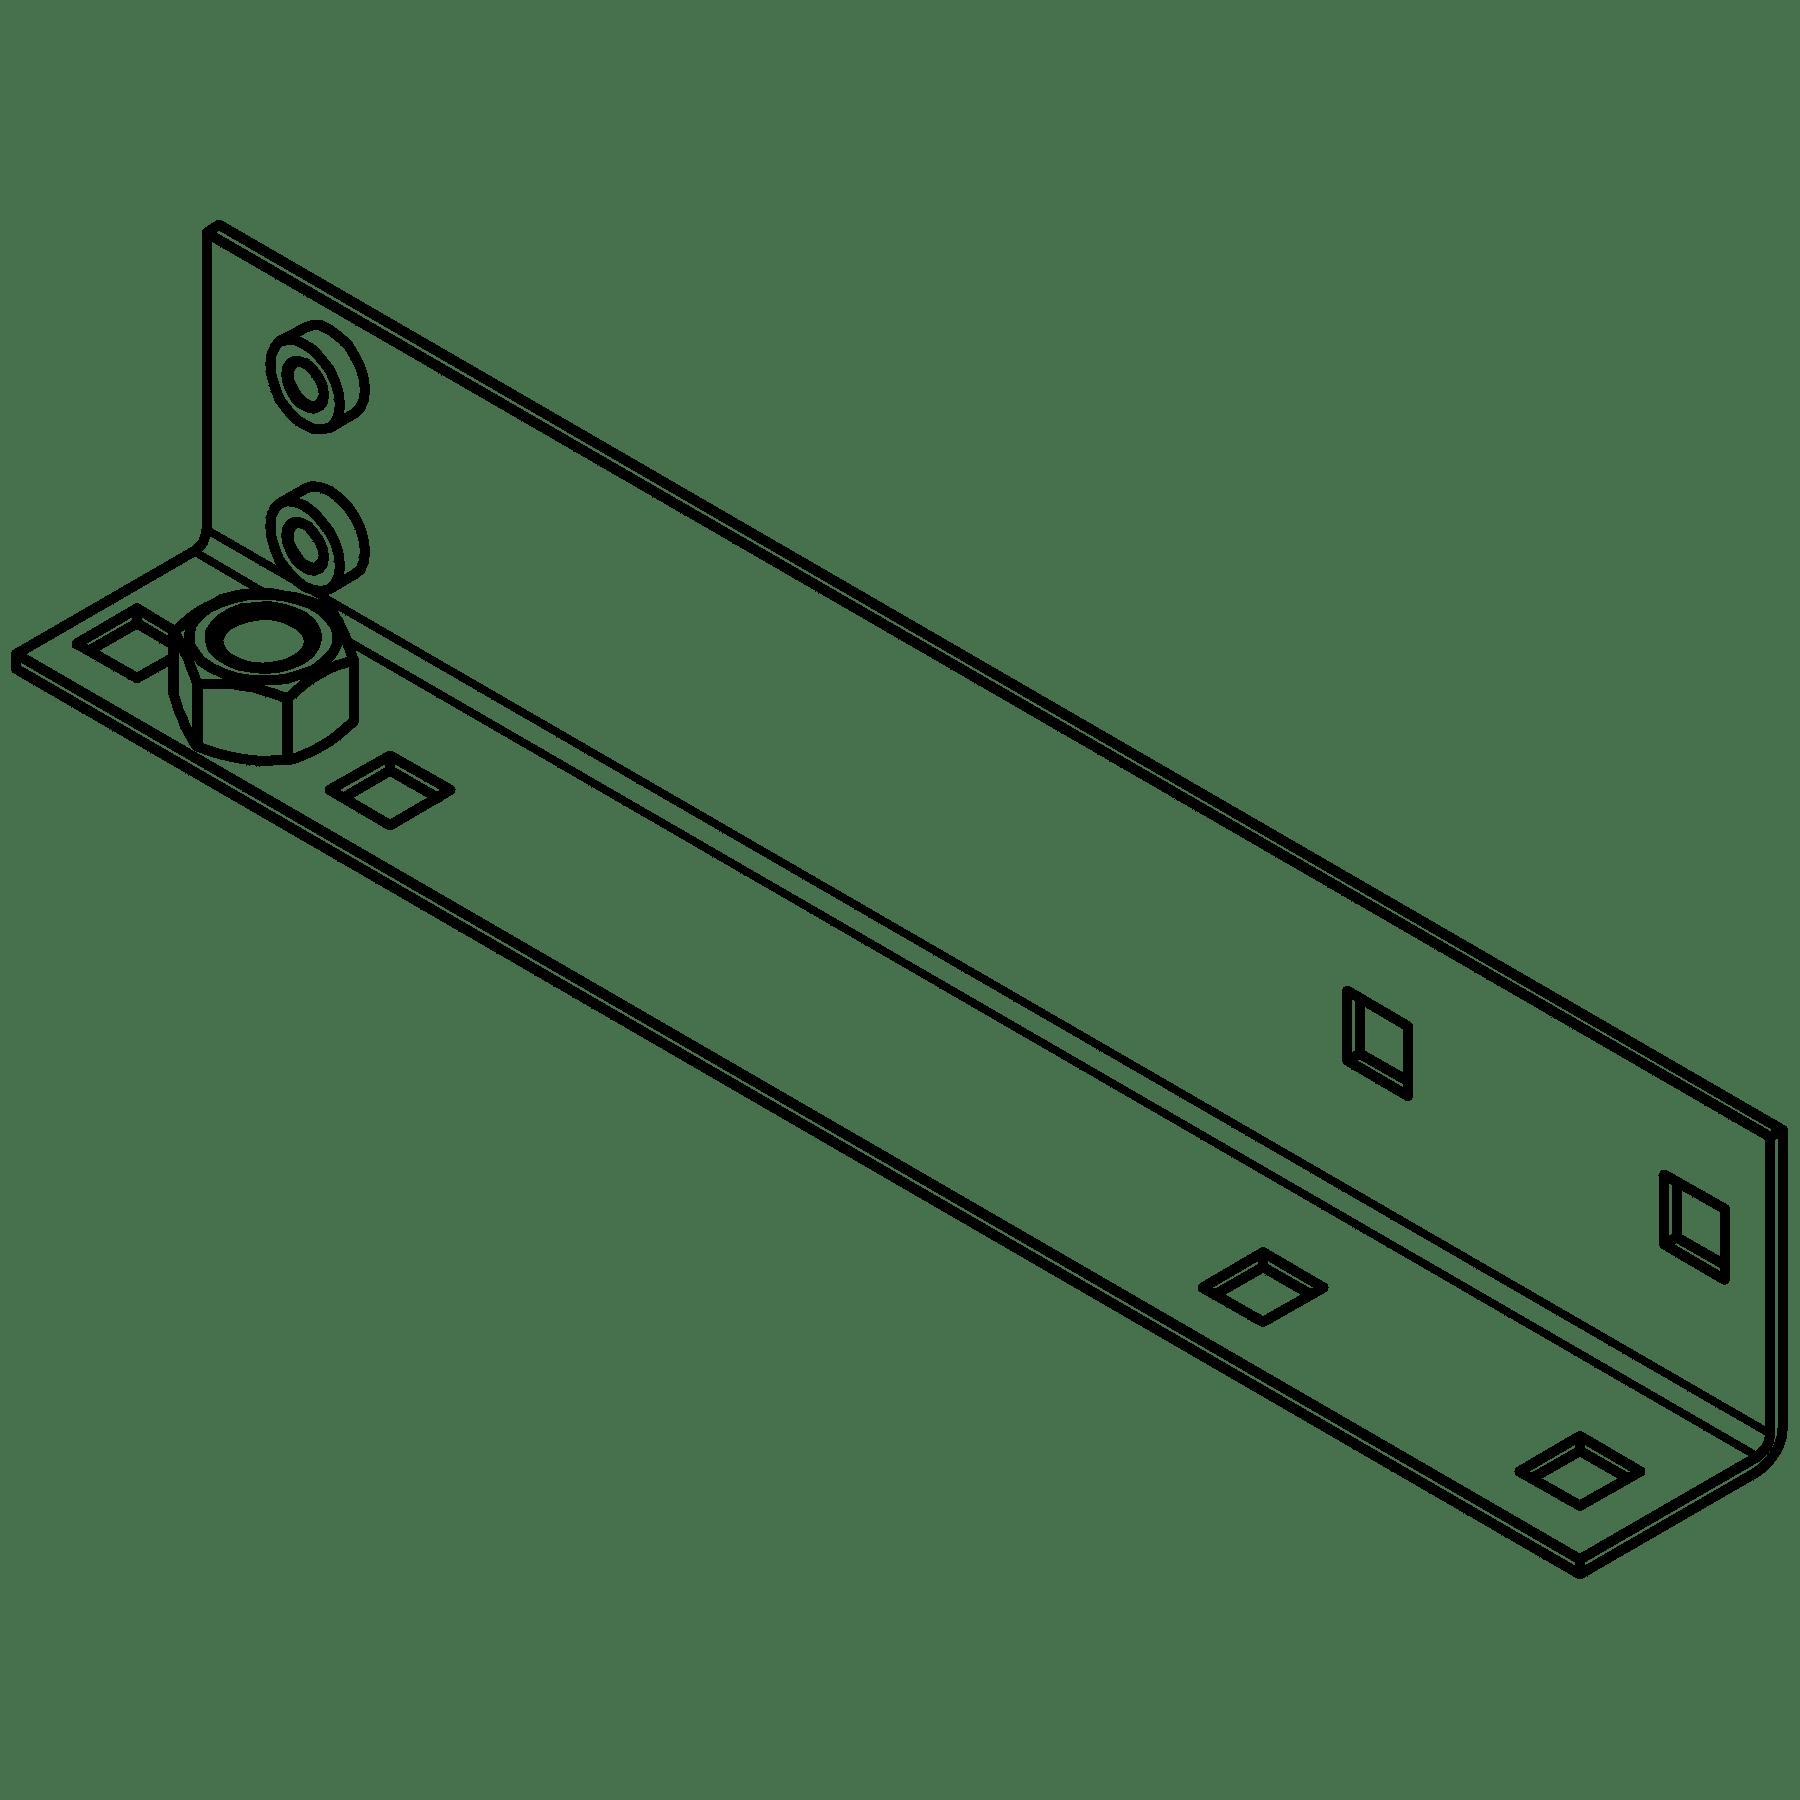 CA5650021 - MET L-BRACKET OPR5xx RIGHT SIDE - BLACK